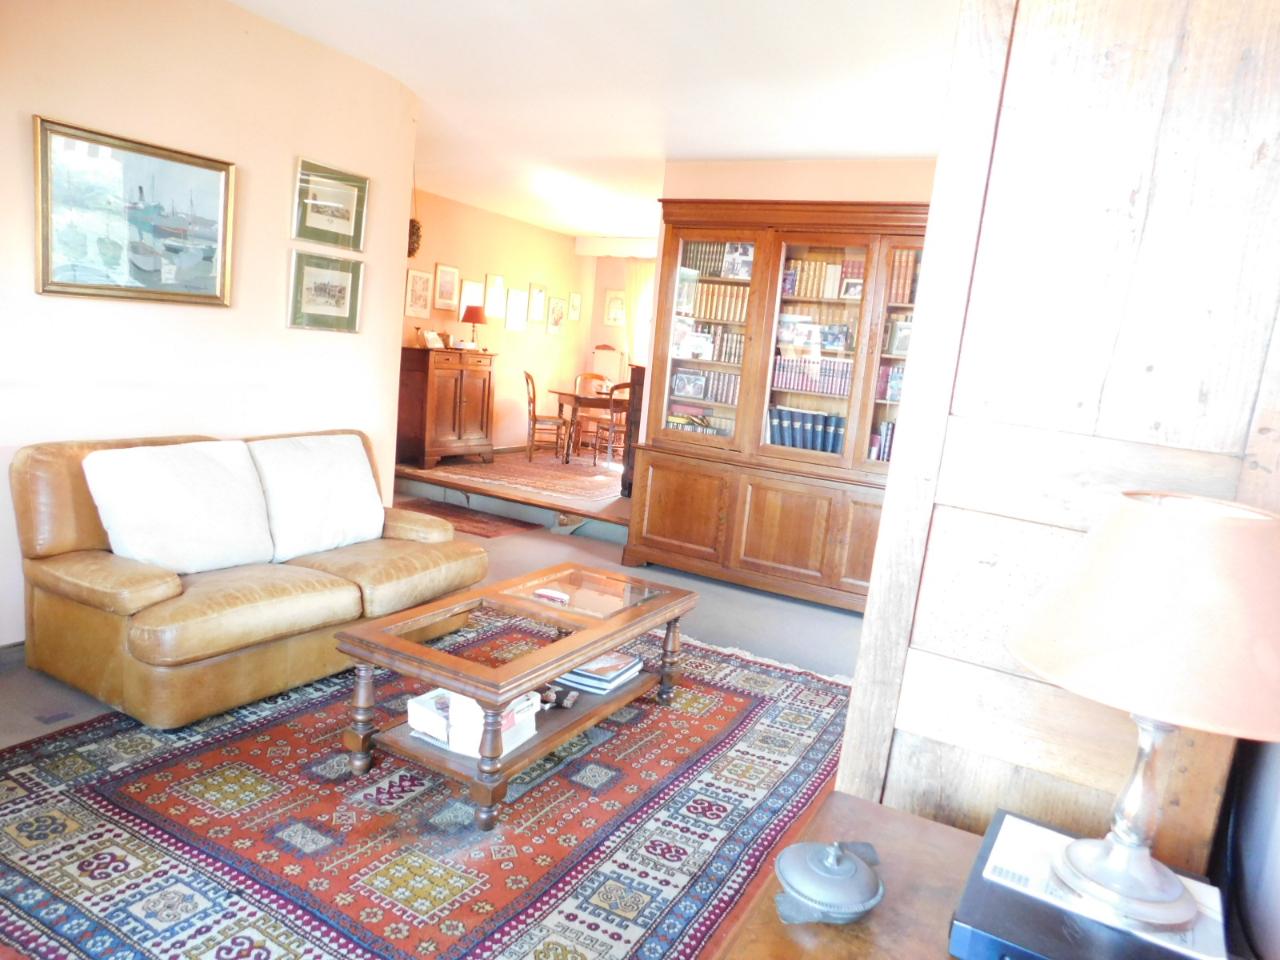 Vente appartement T4  à SAINT JEAN DE LUZ - 3